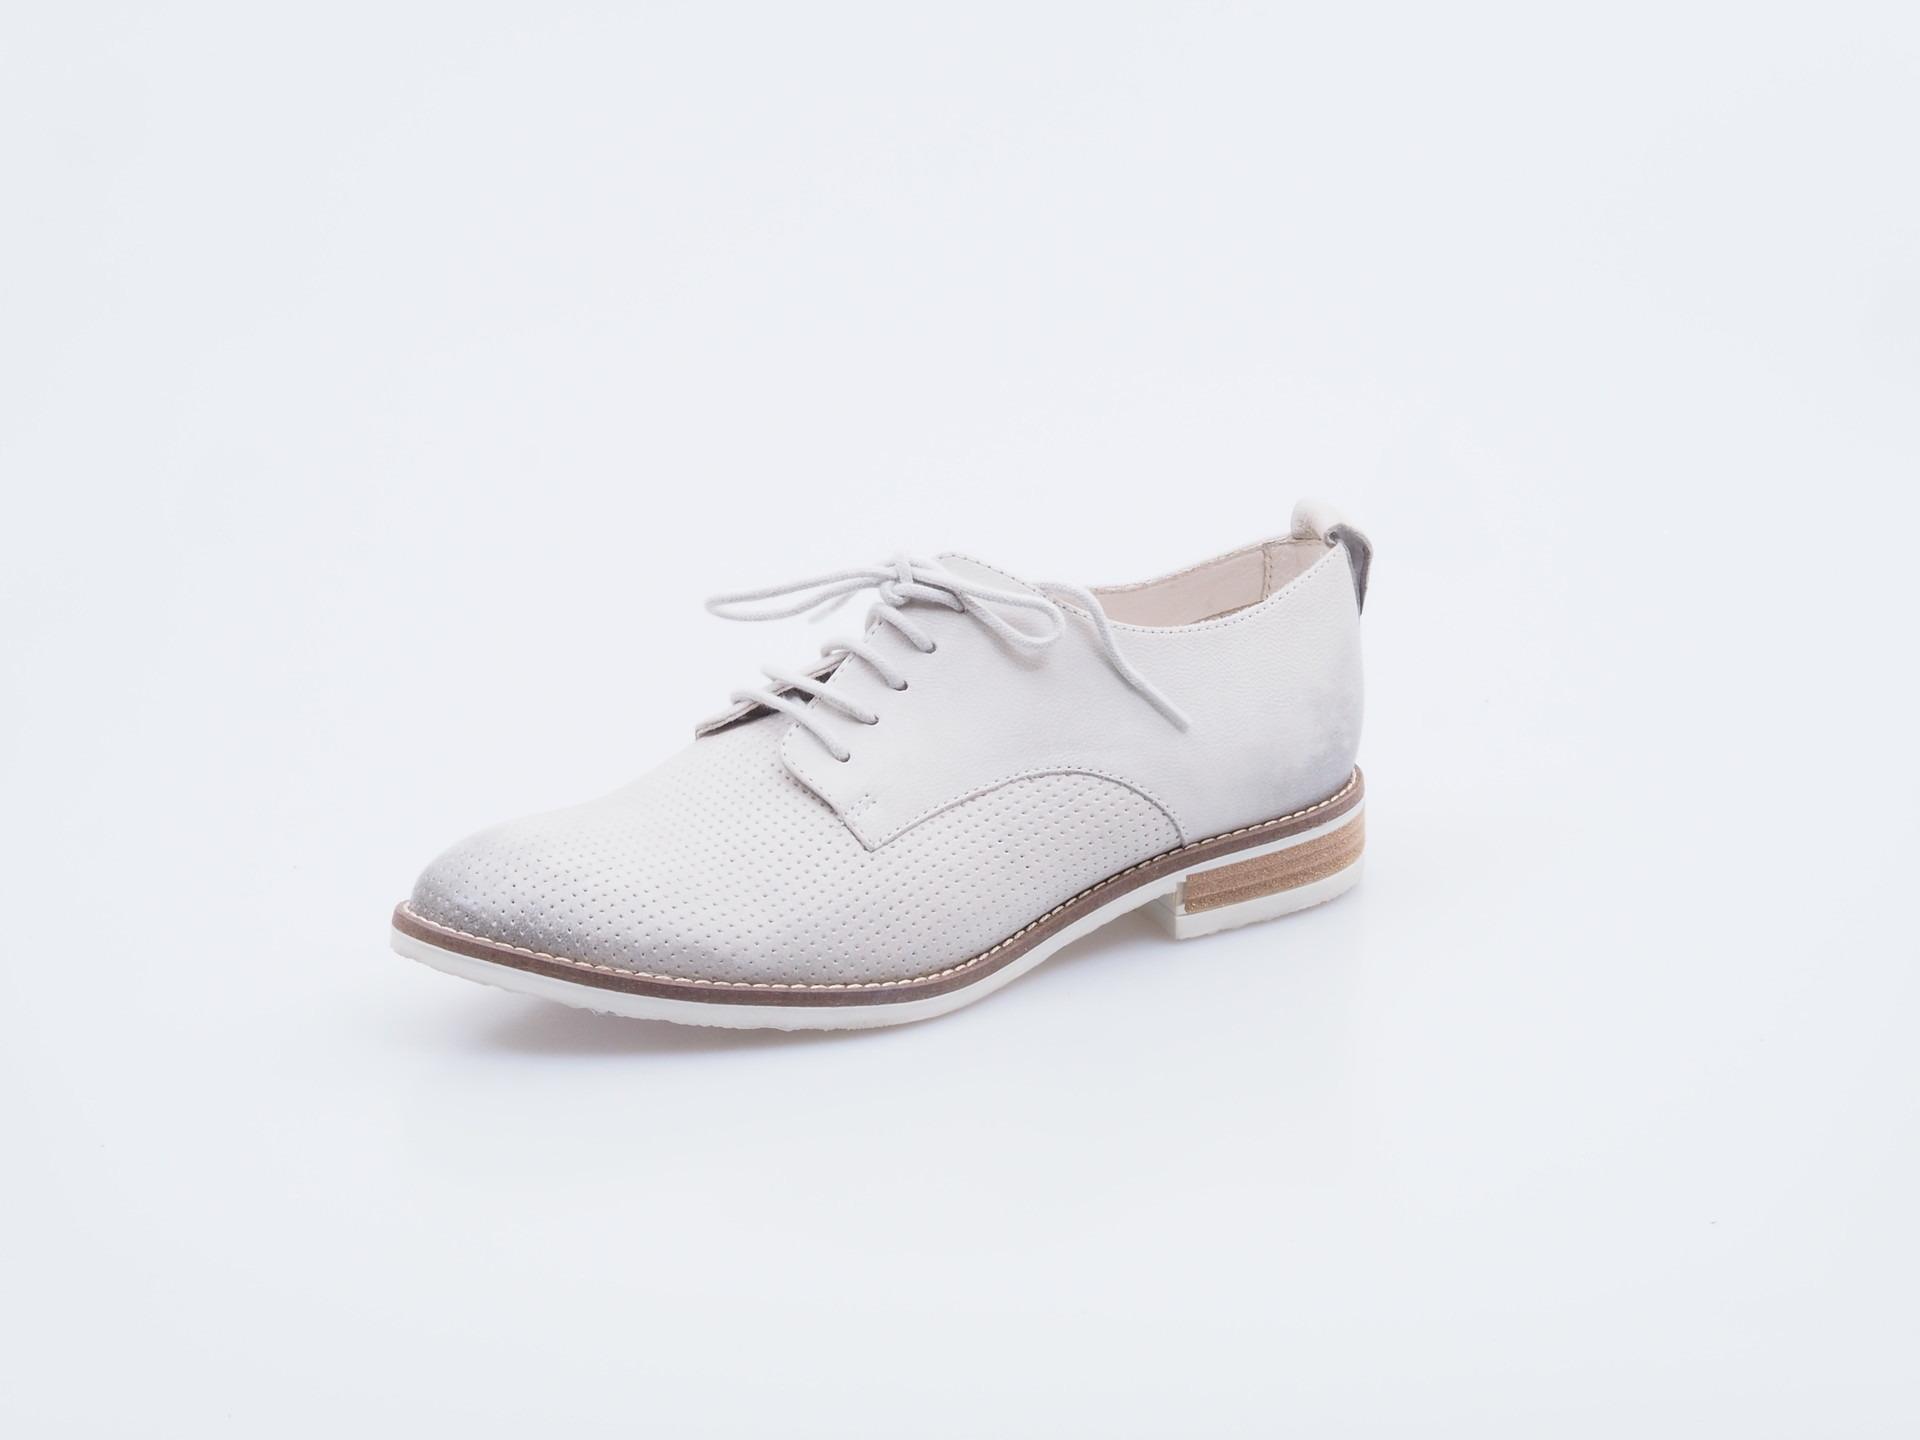 eb3b054e69b6 Soňa - Dámska obuv - Poltopánky - Klondike dámska šnurovacia obuv